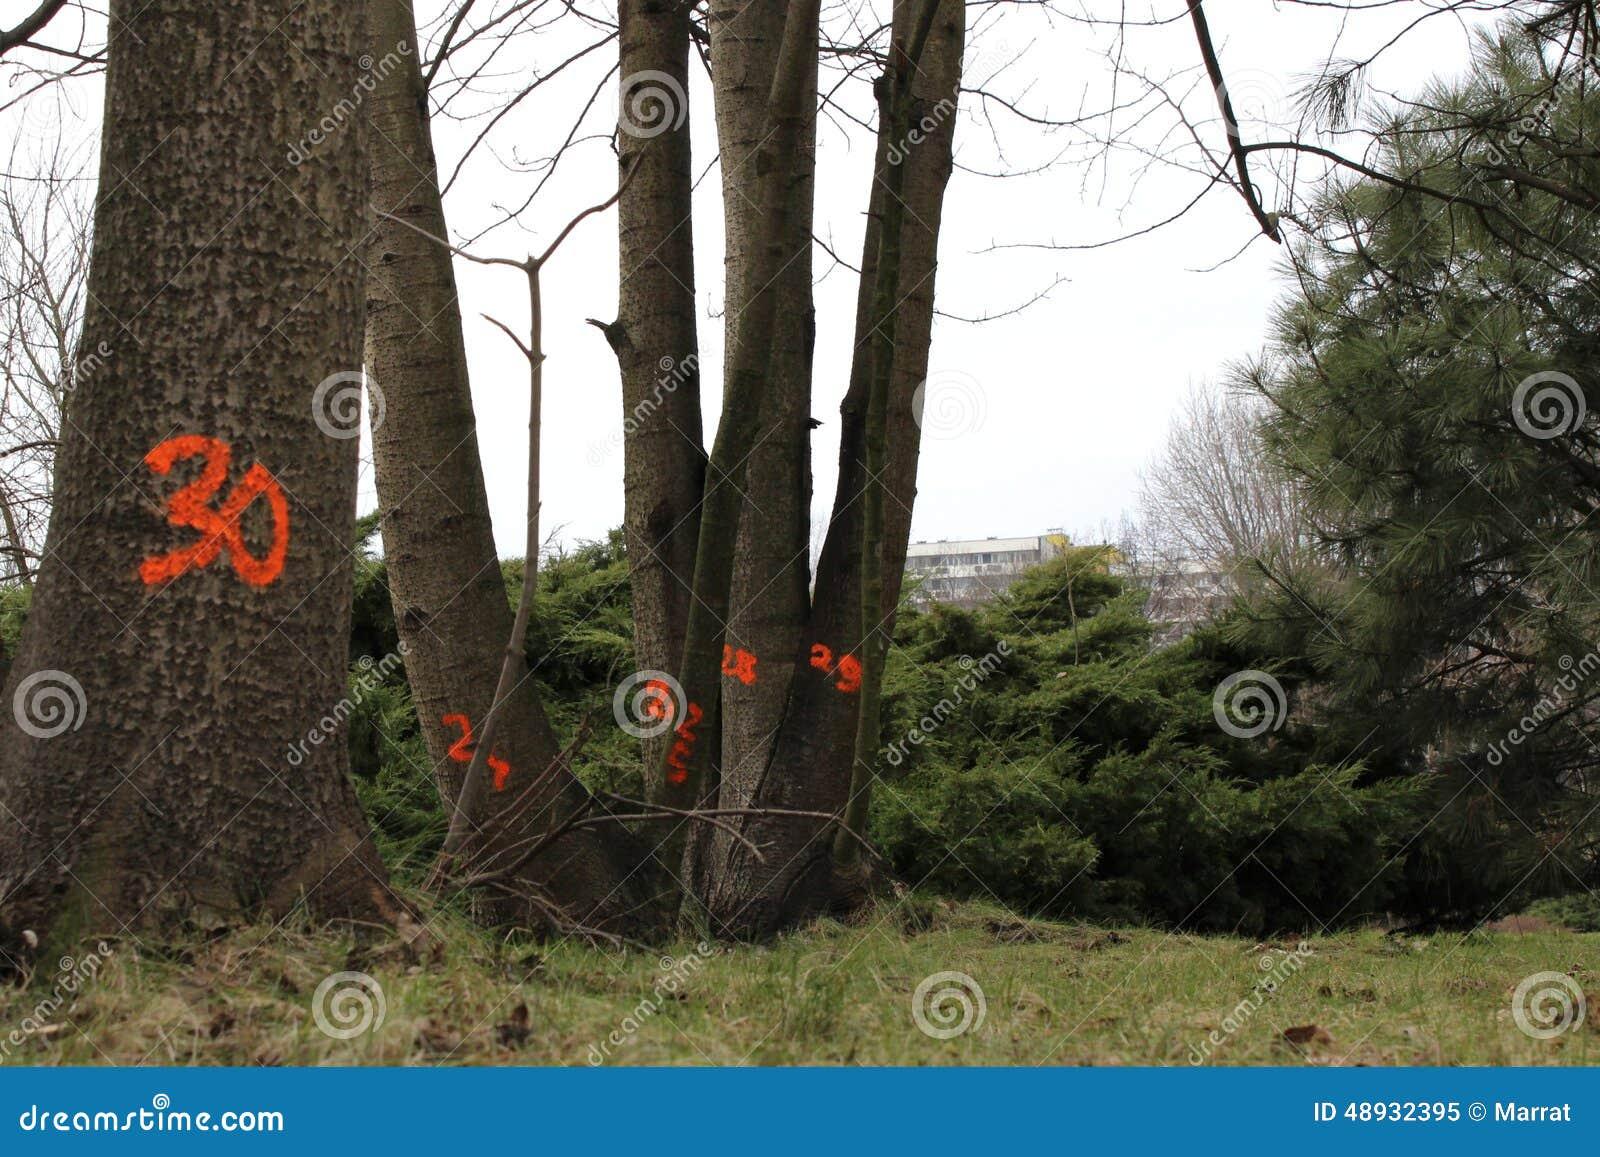 Contagem regressiva nas árvores